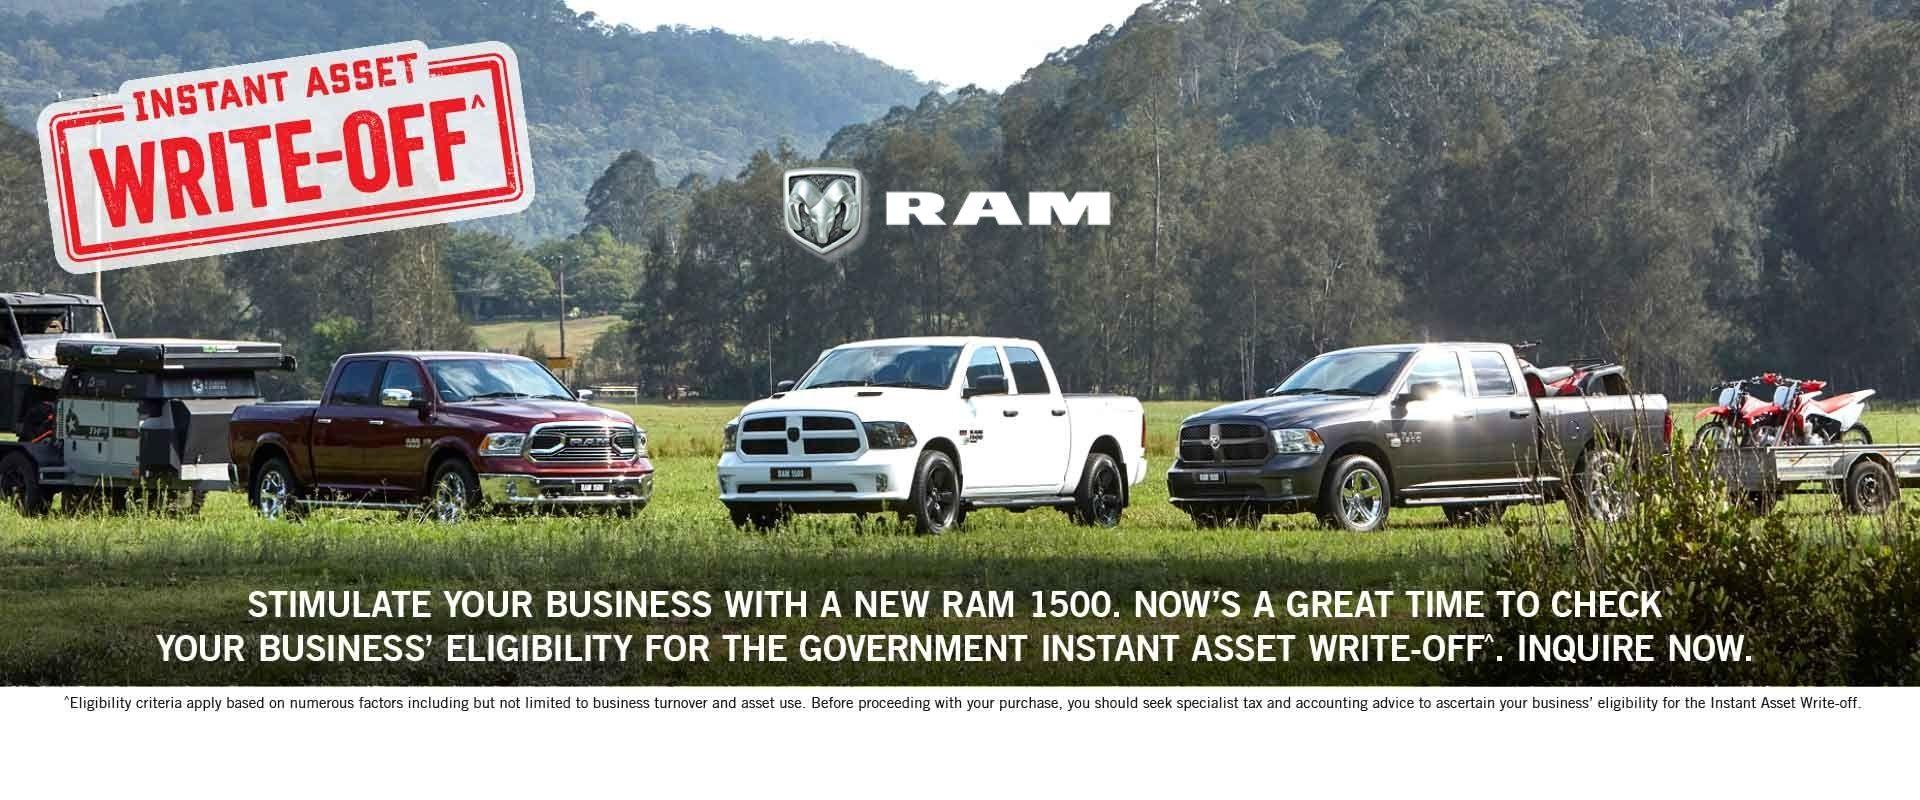 Ram Trucks Queensland